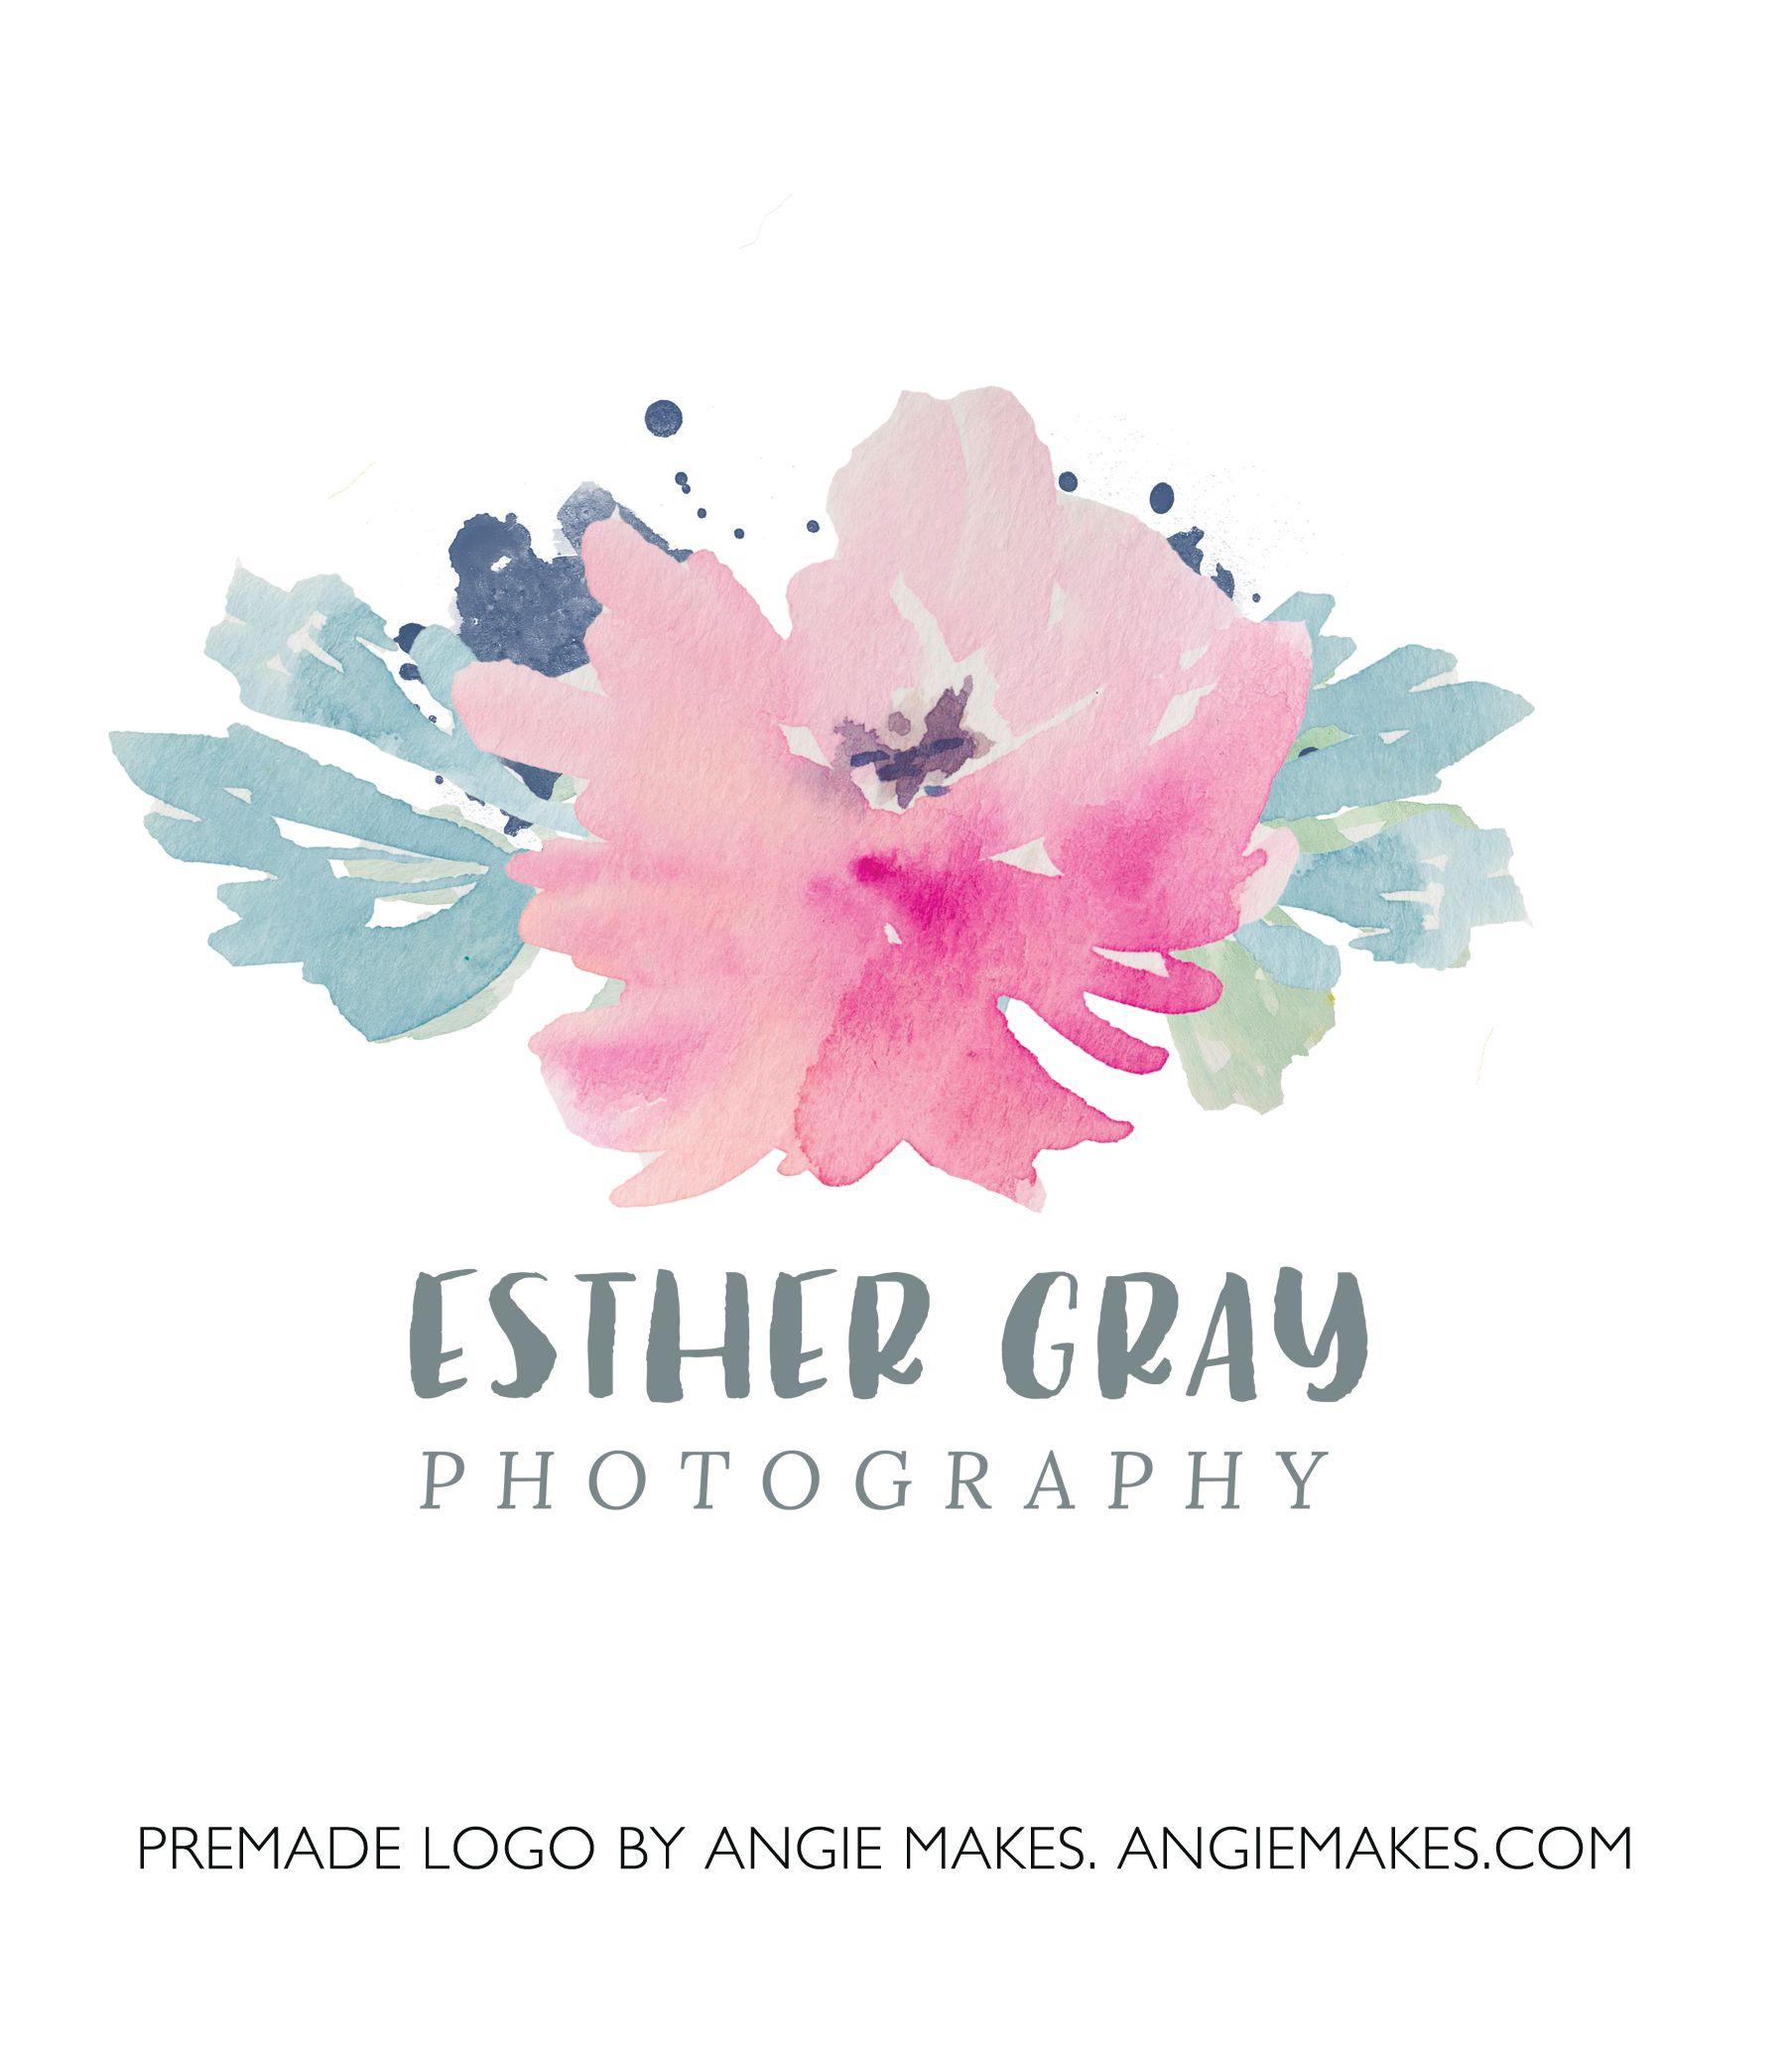 Esther Watercolor Floral Logo Floral logo, Flower logo